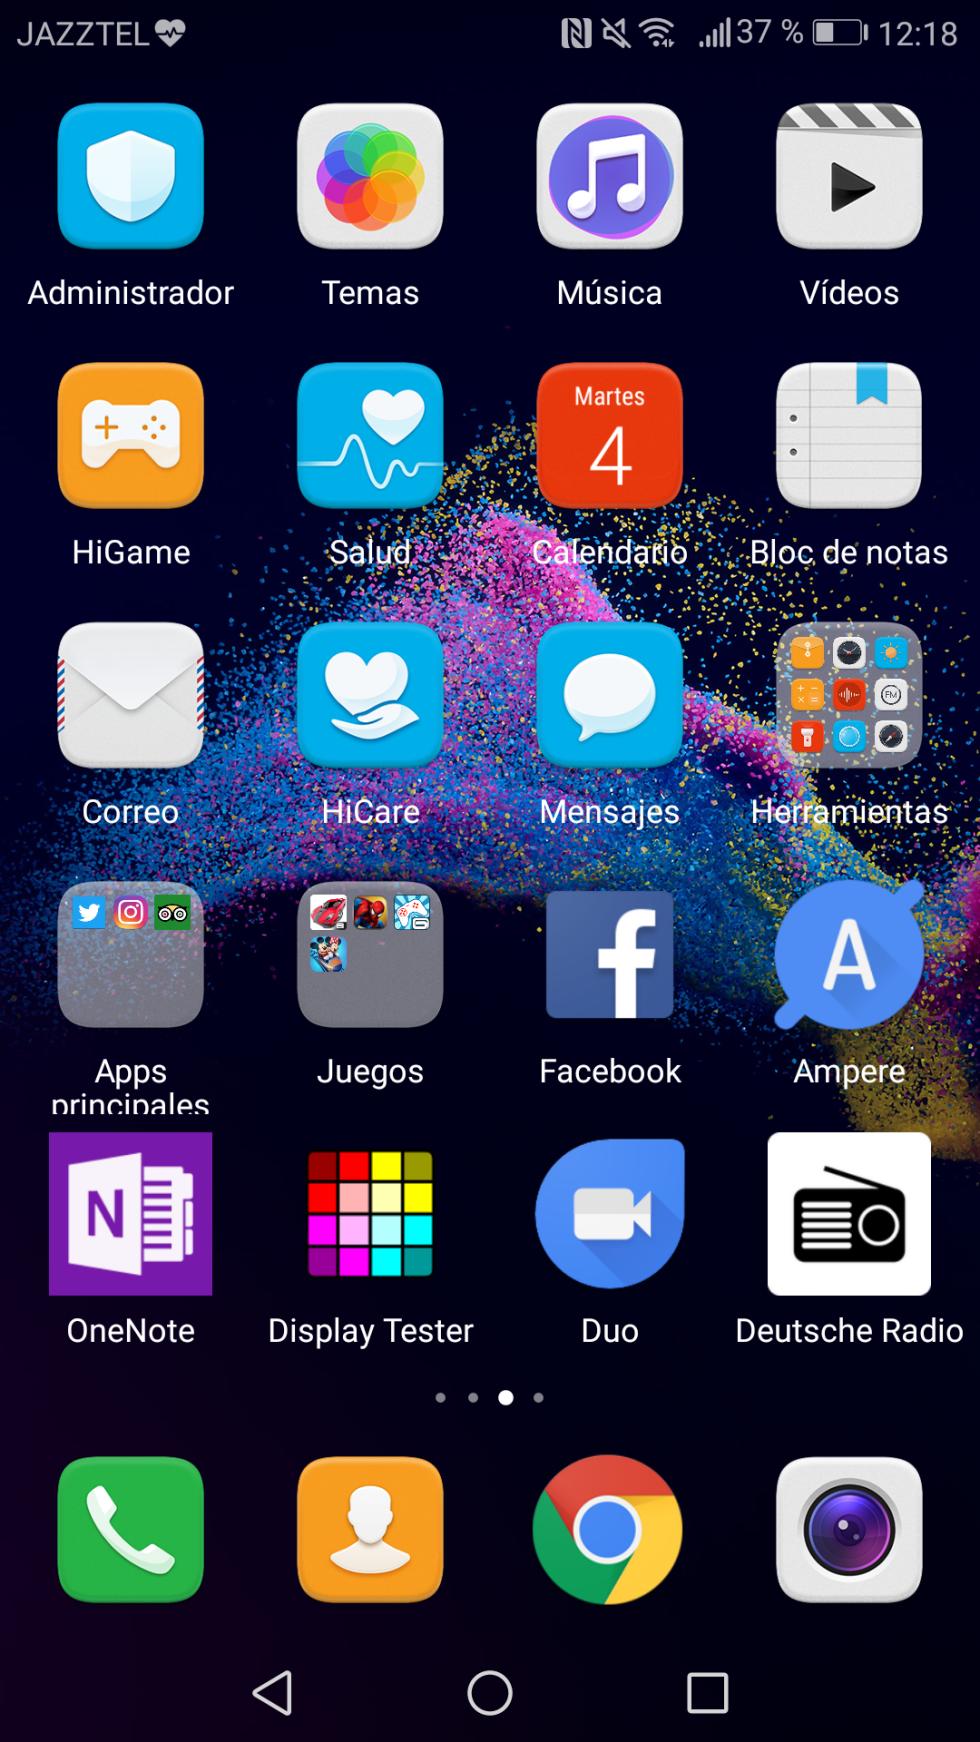 Algunas de las aplicaciones instaladas de serie en el teléfono